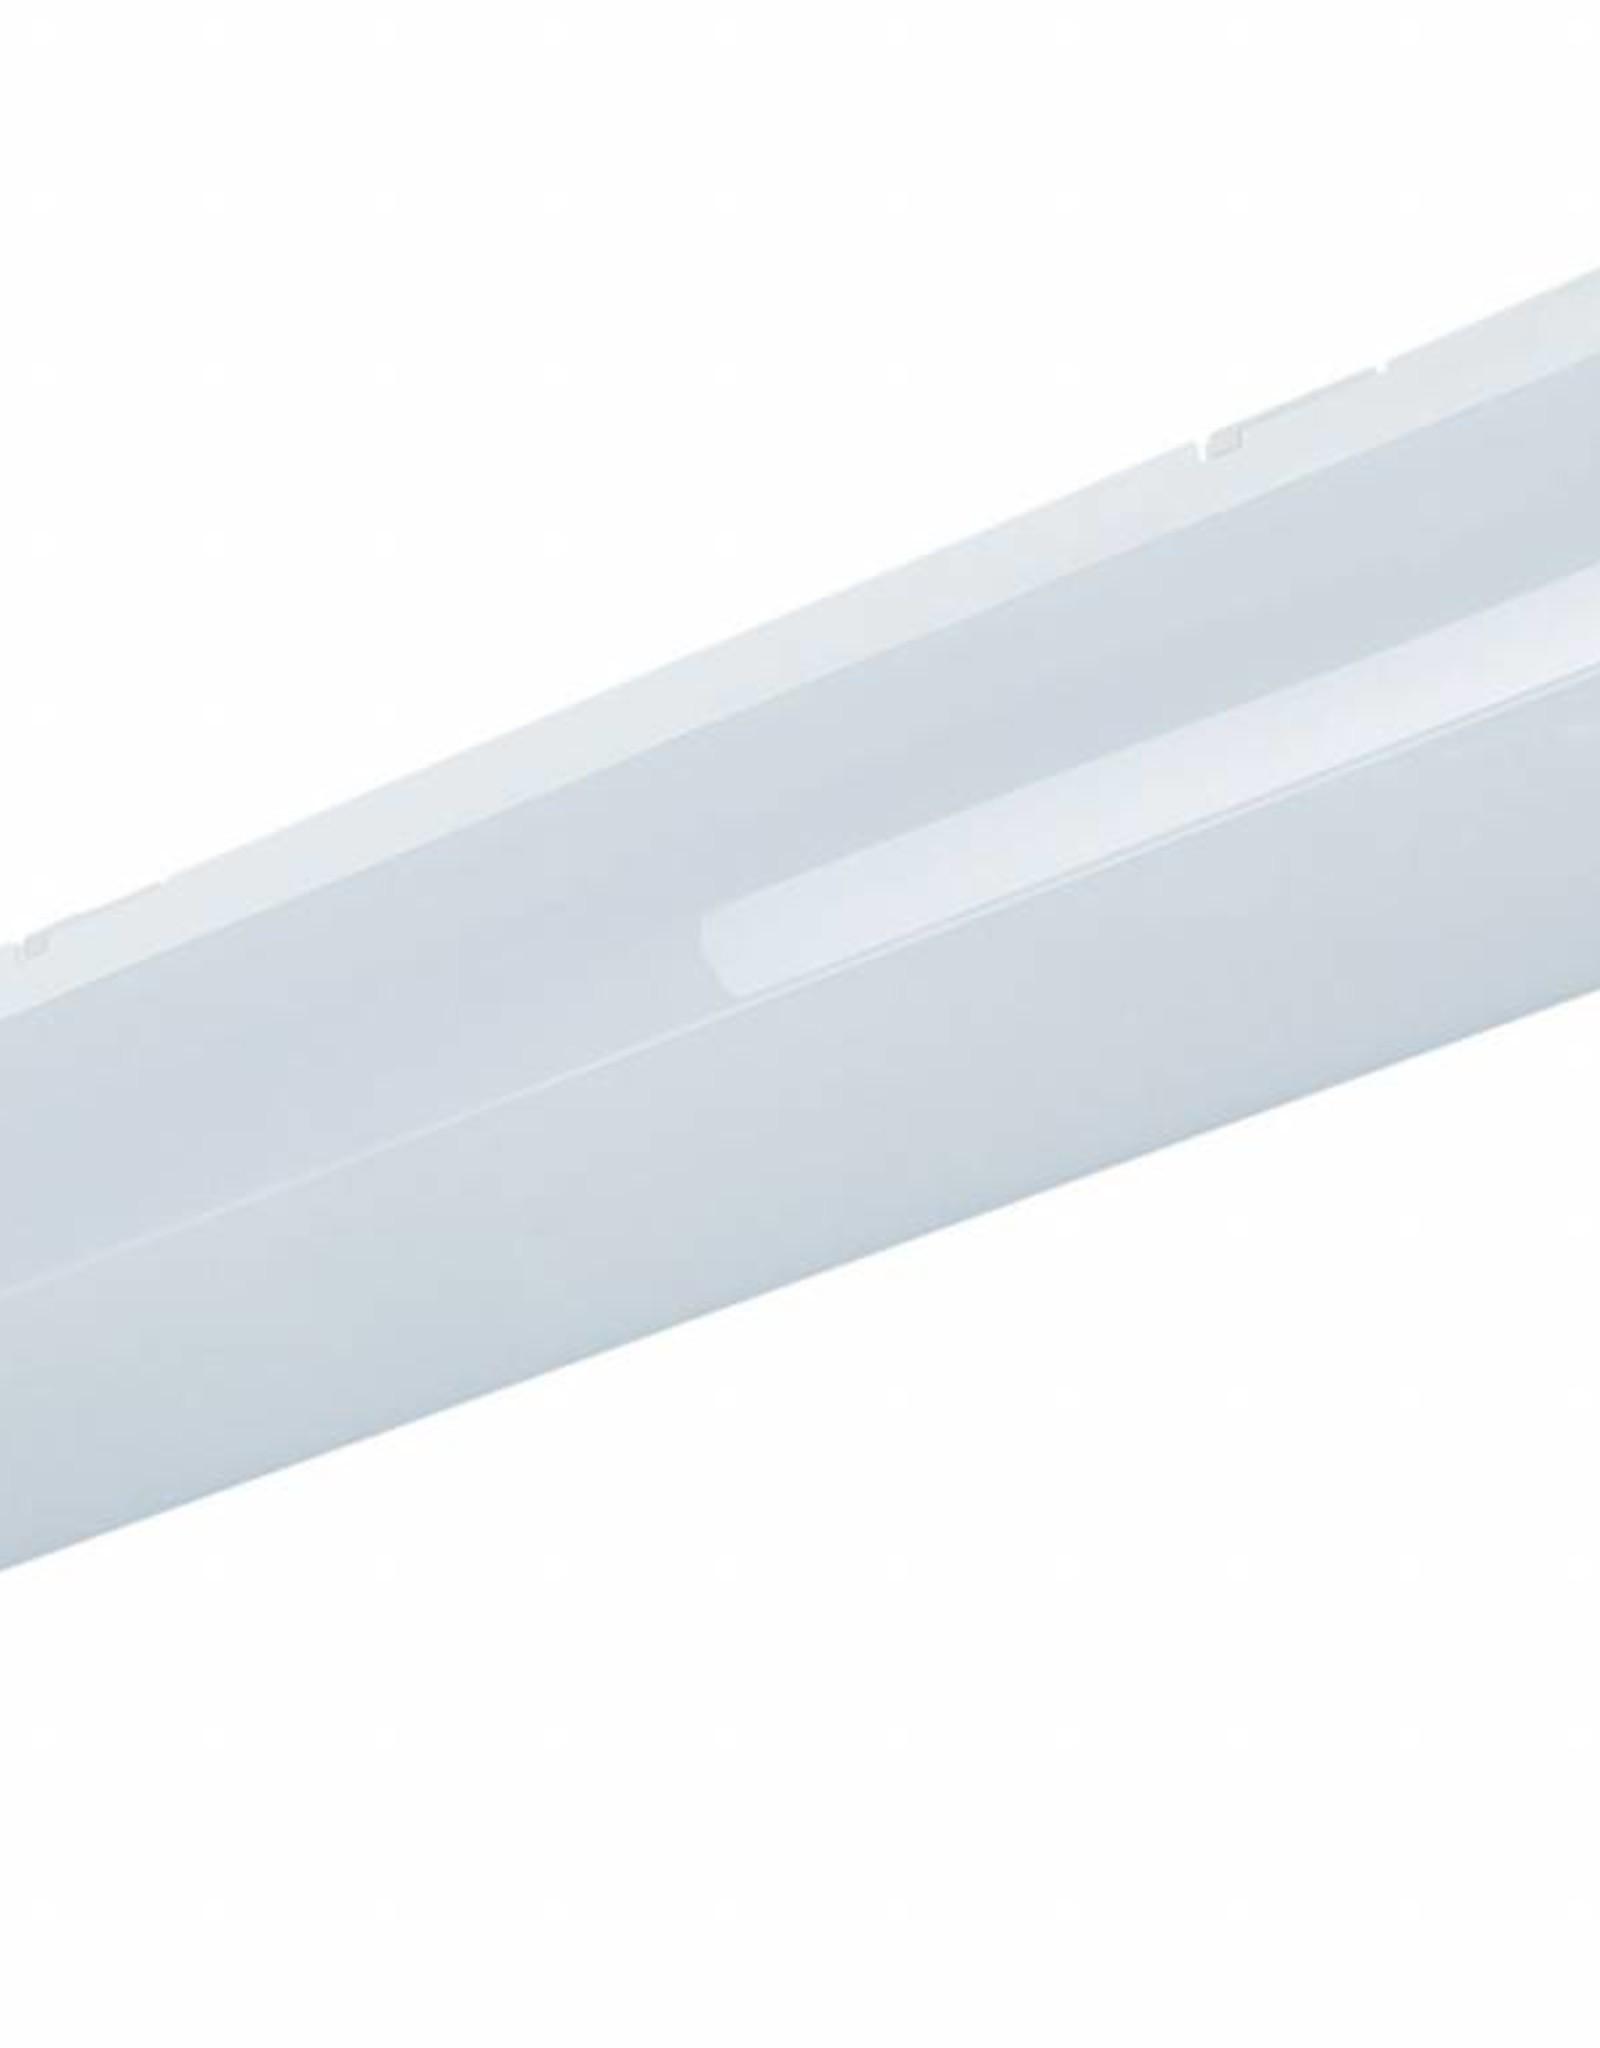 Linea 2.4ft 6400/840